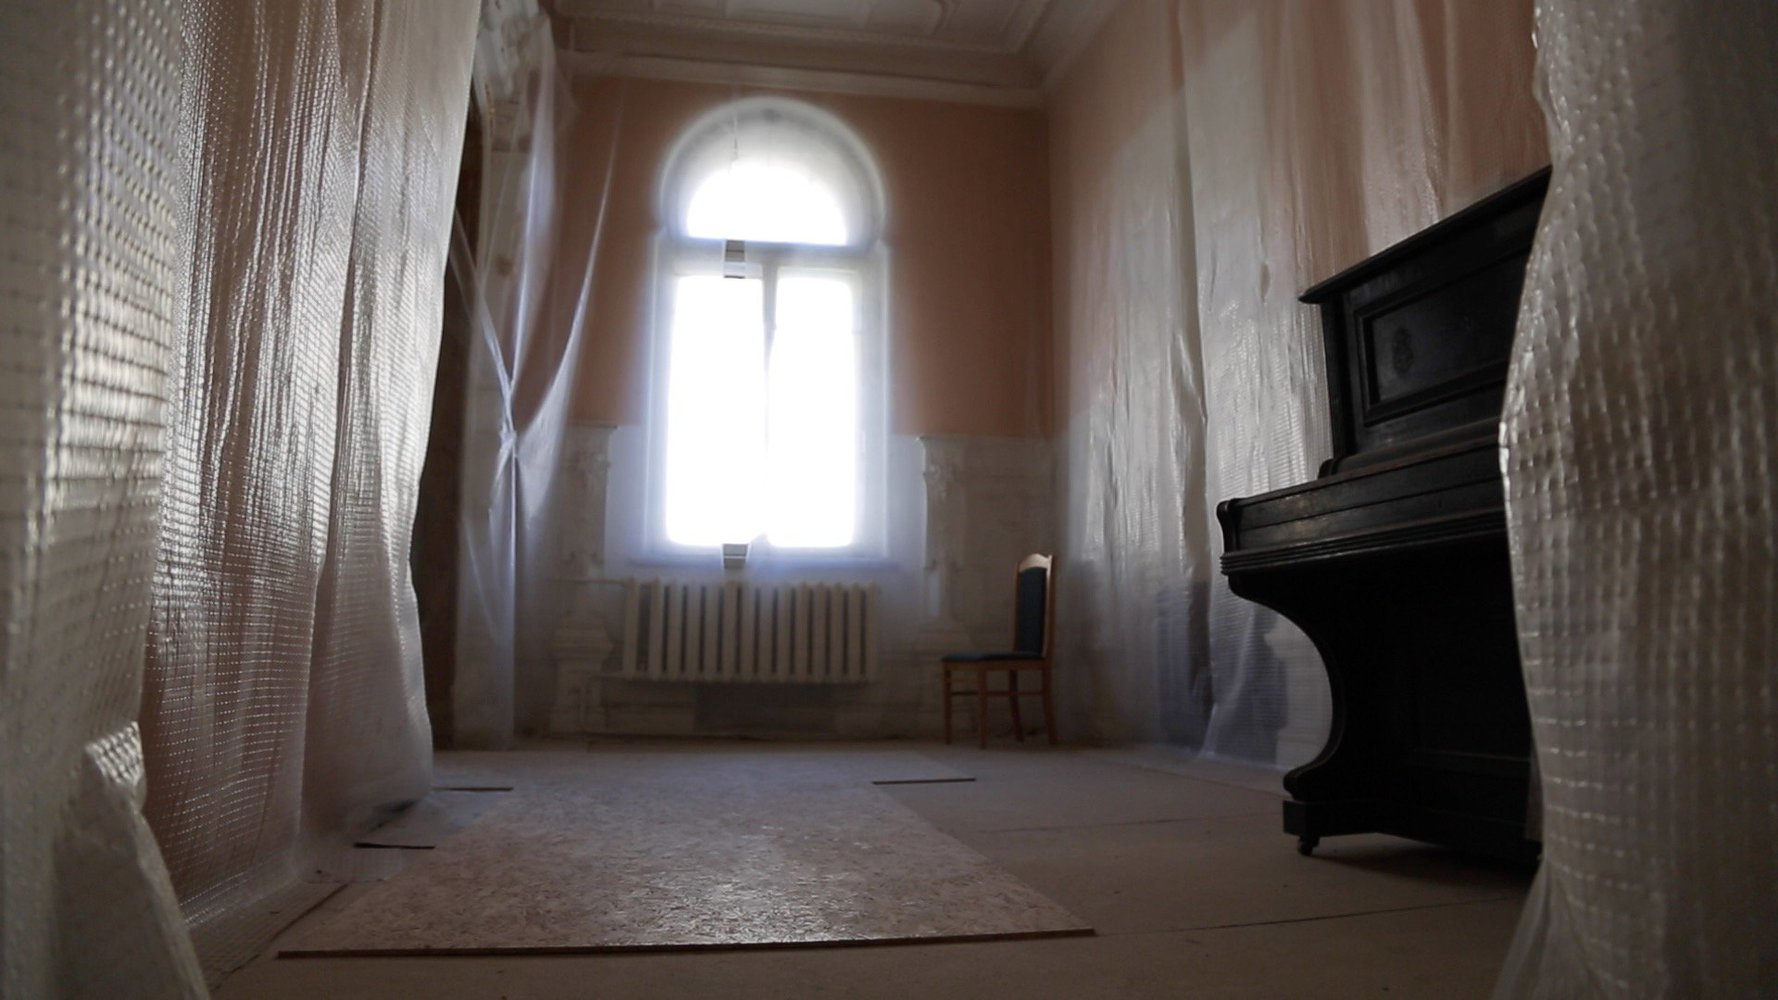 музей квартира иосифа бродского в санкт-петербурге